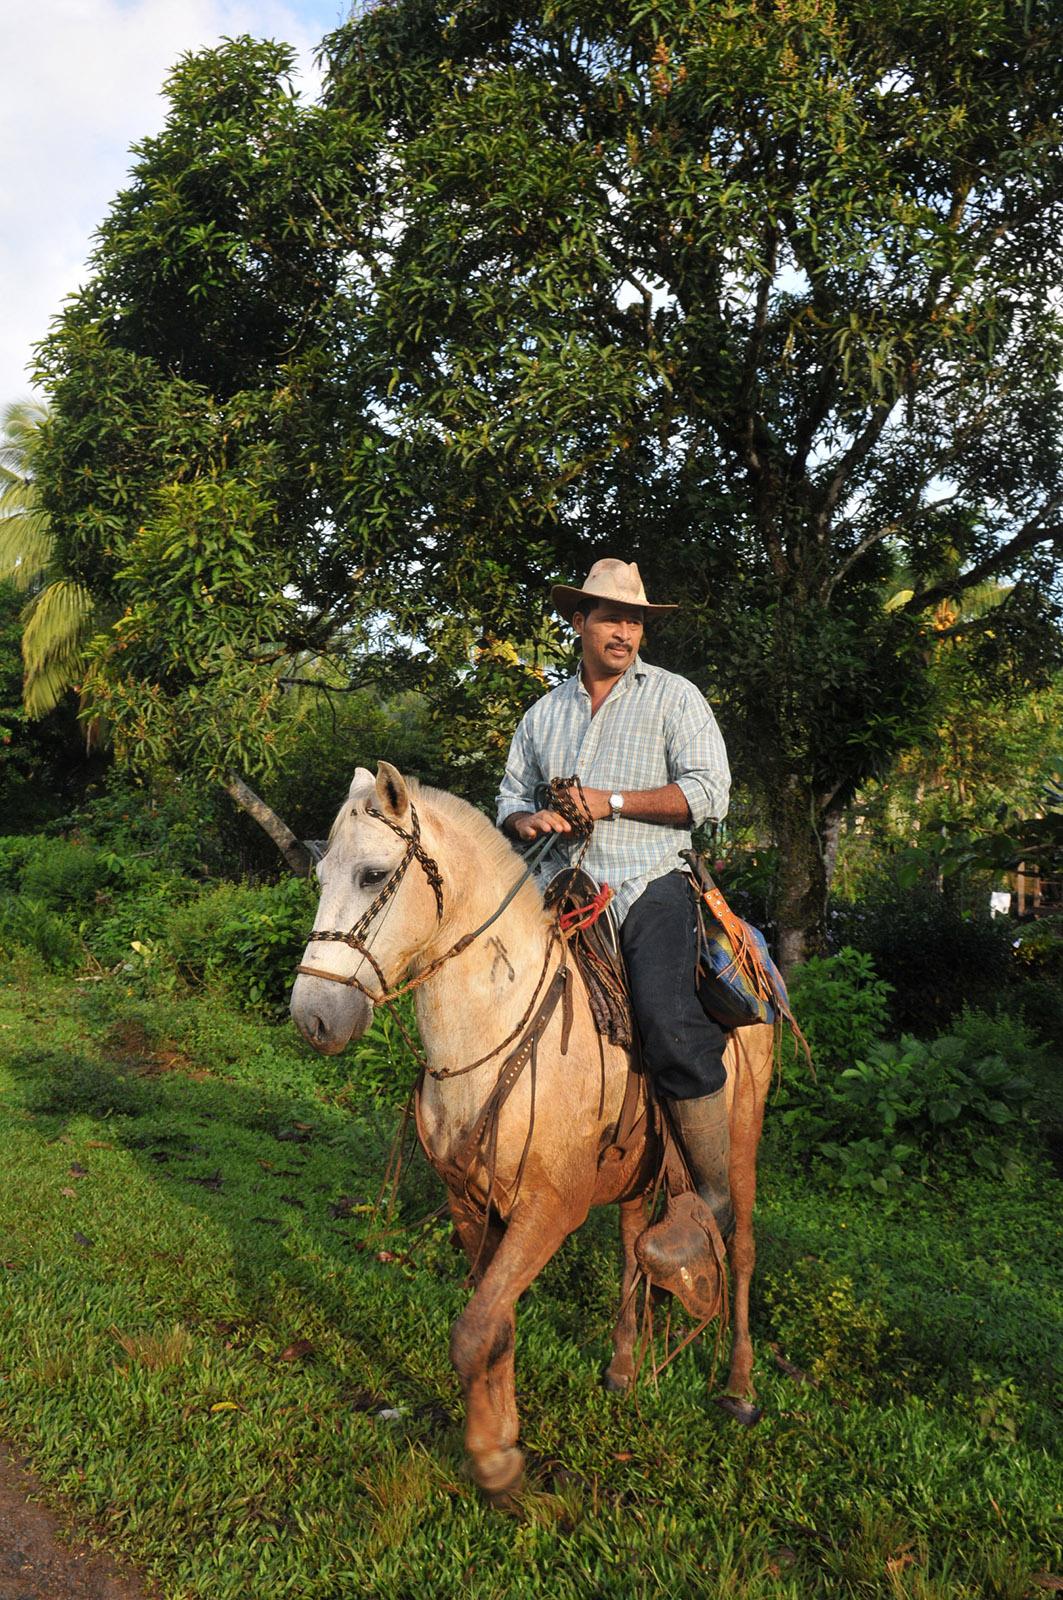 foto van een man met snor op een paard met een cowboyhoed op met een boom op achtergrond